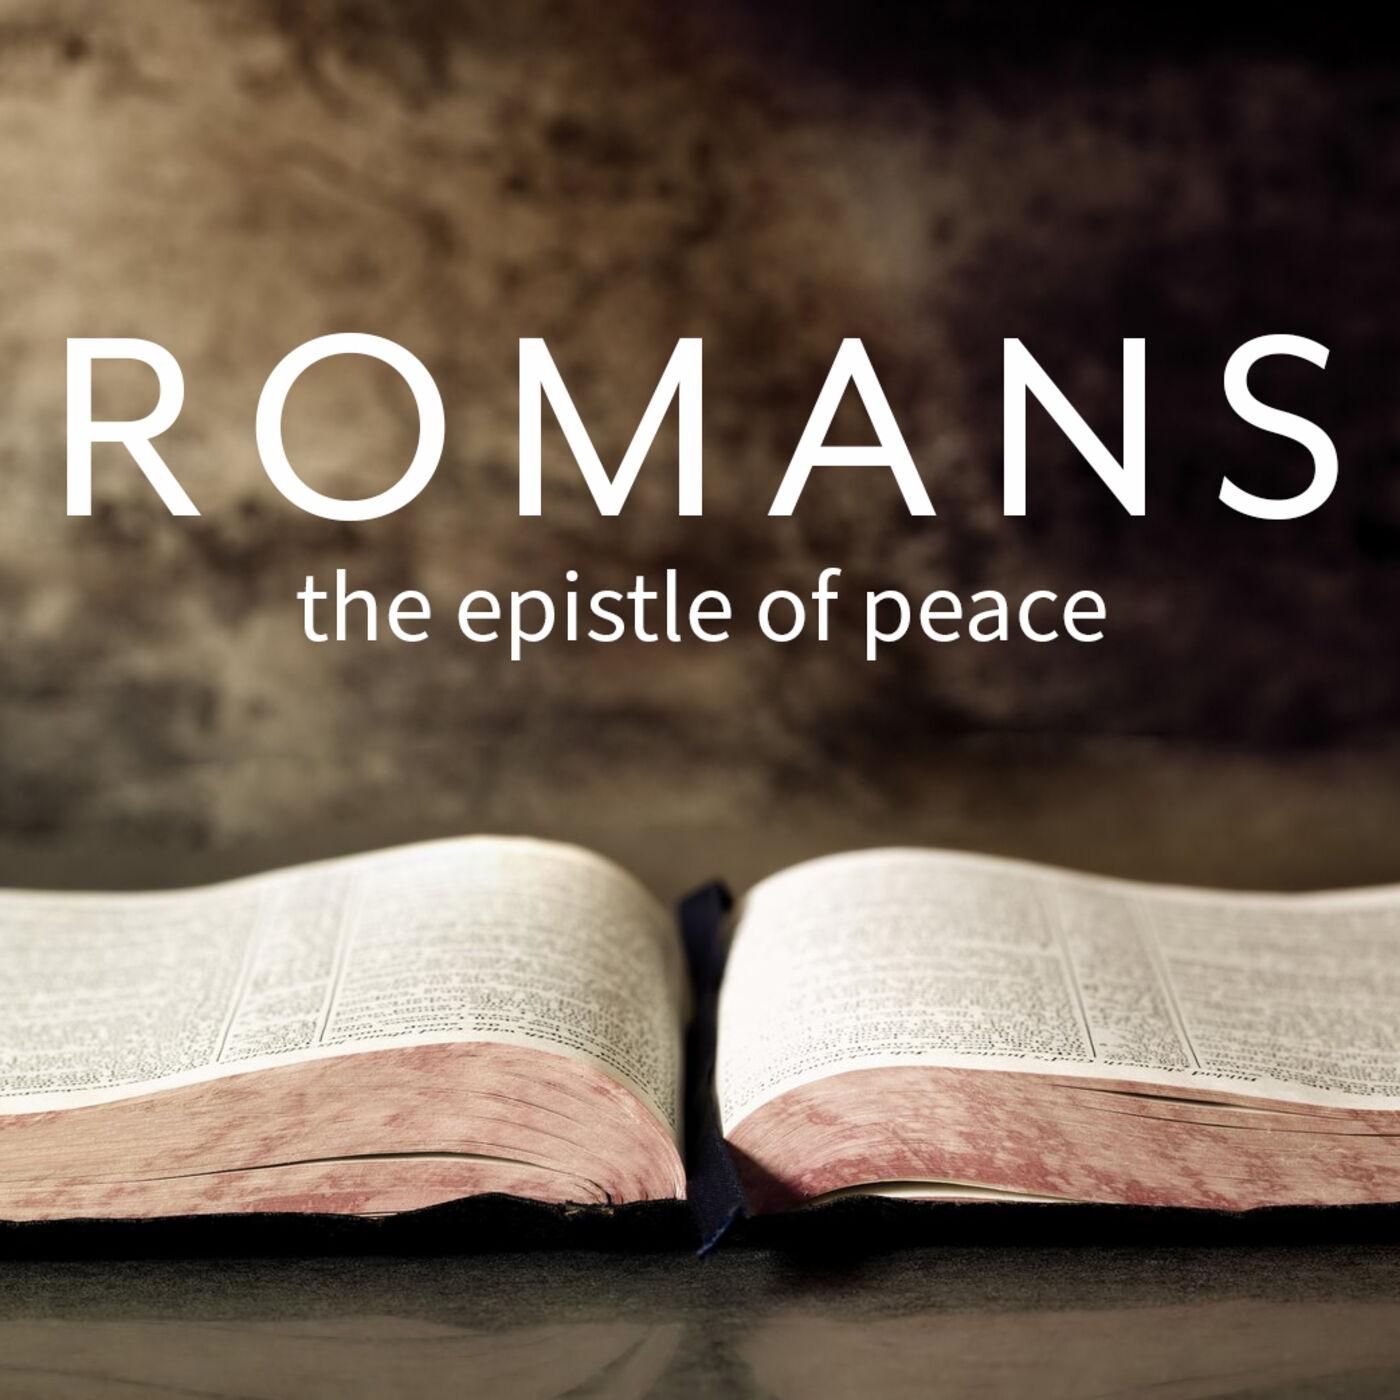 Romans: The Epistle of Peace (part 5)